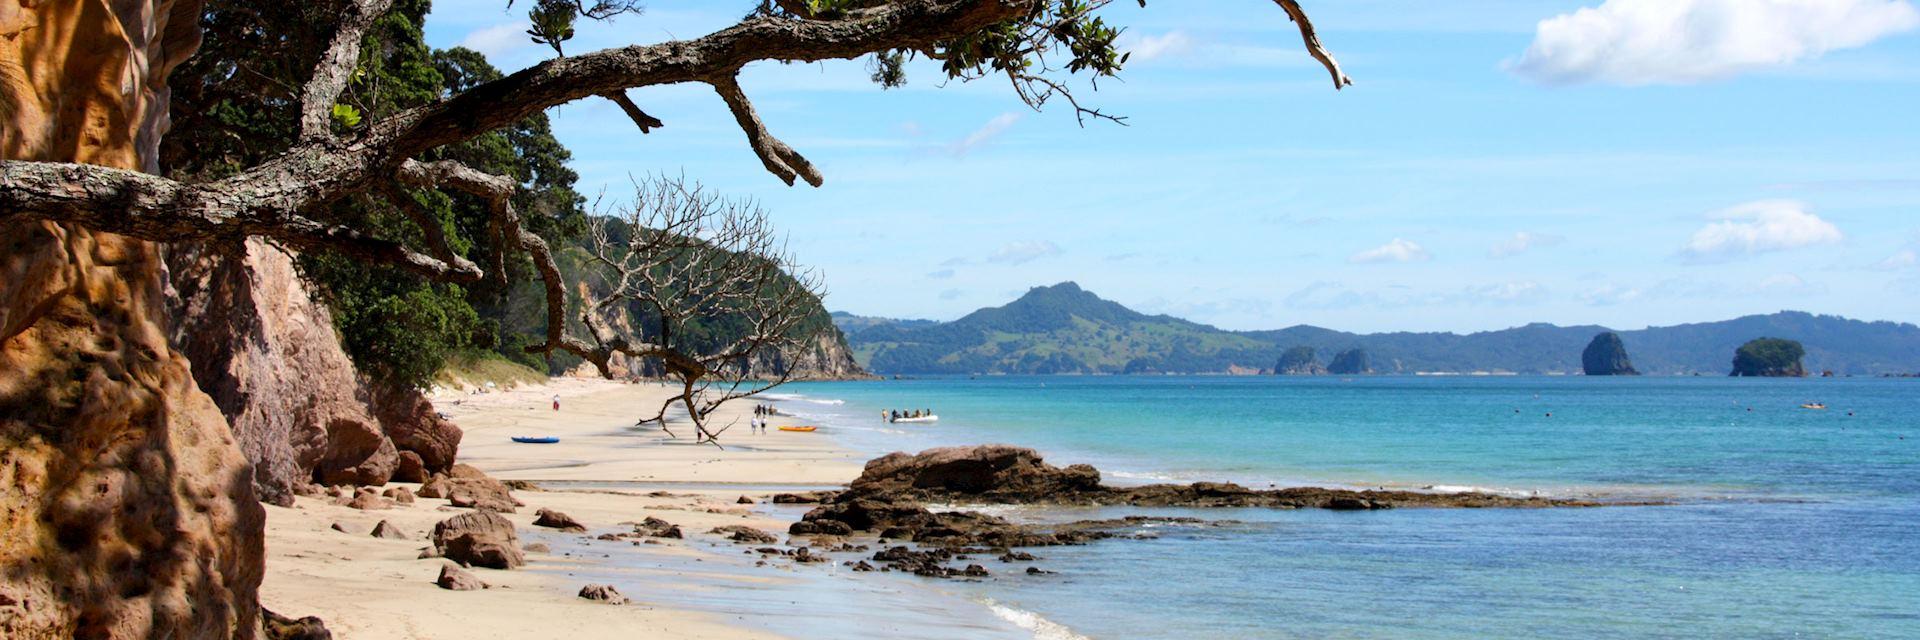 Hahei Beach, Coromandel Peninsula